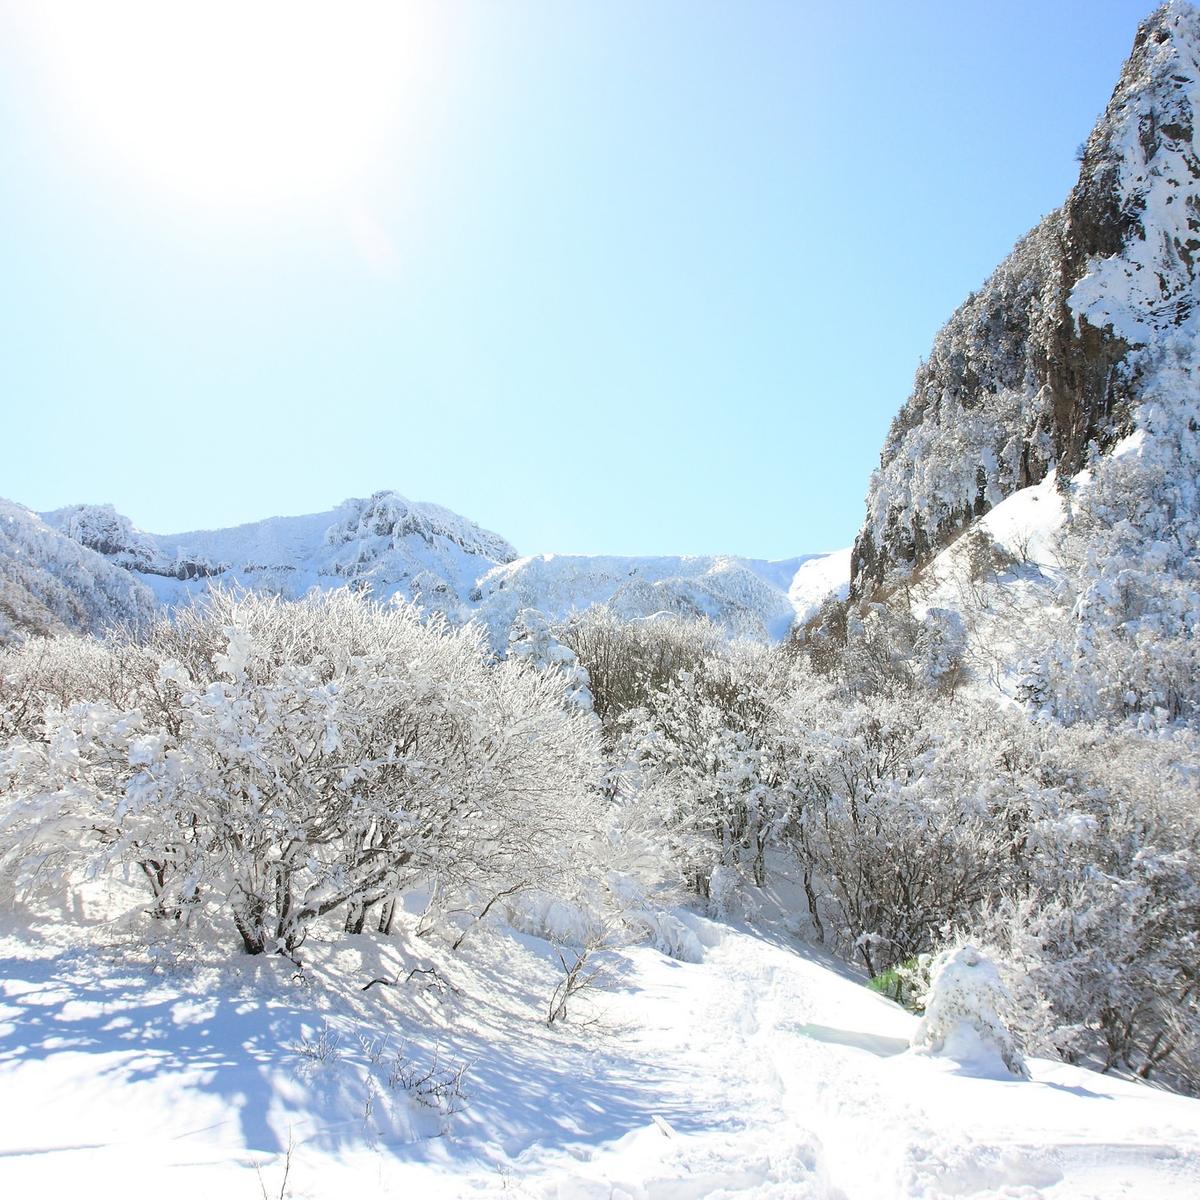 Winter in Deutschland - Tipps gegen den Winterblues: Möglichst viel Sonne tanken